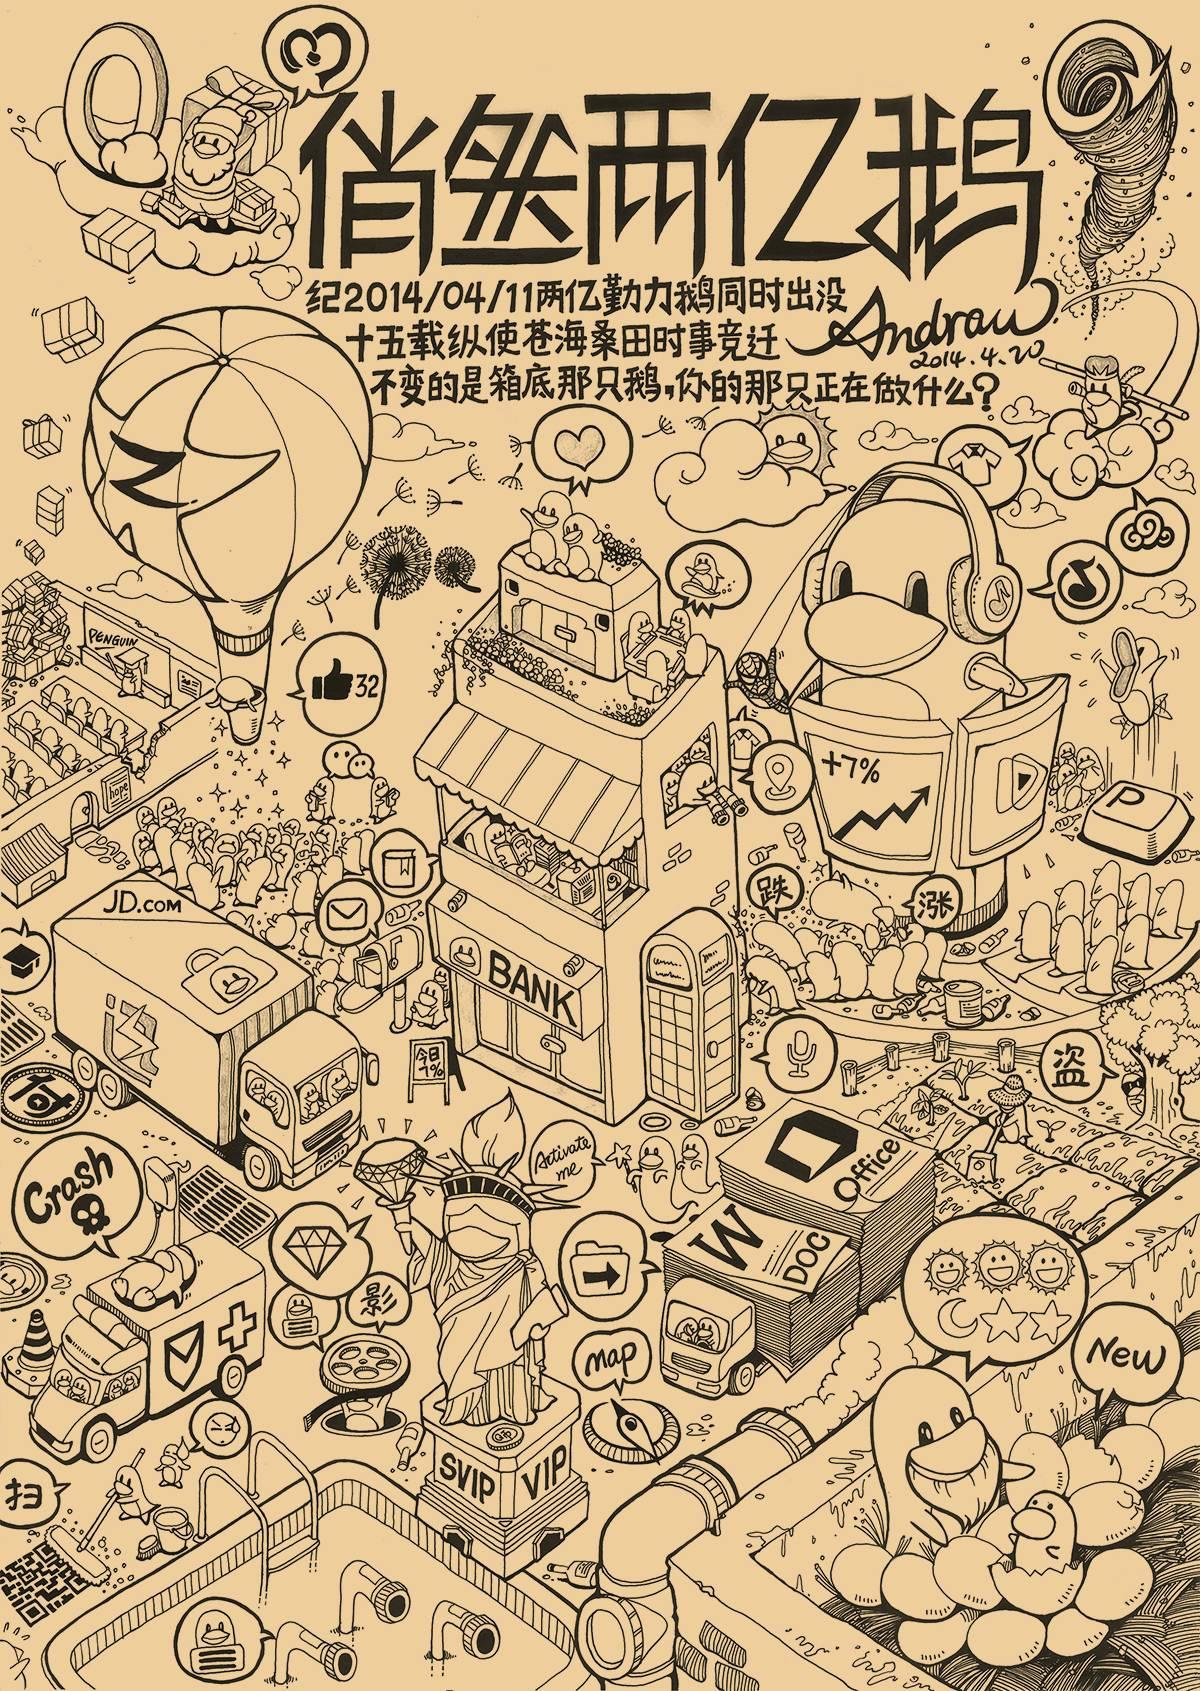 QQ同时在线人数突破2亿时戴永裕的作品:两亿鹅